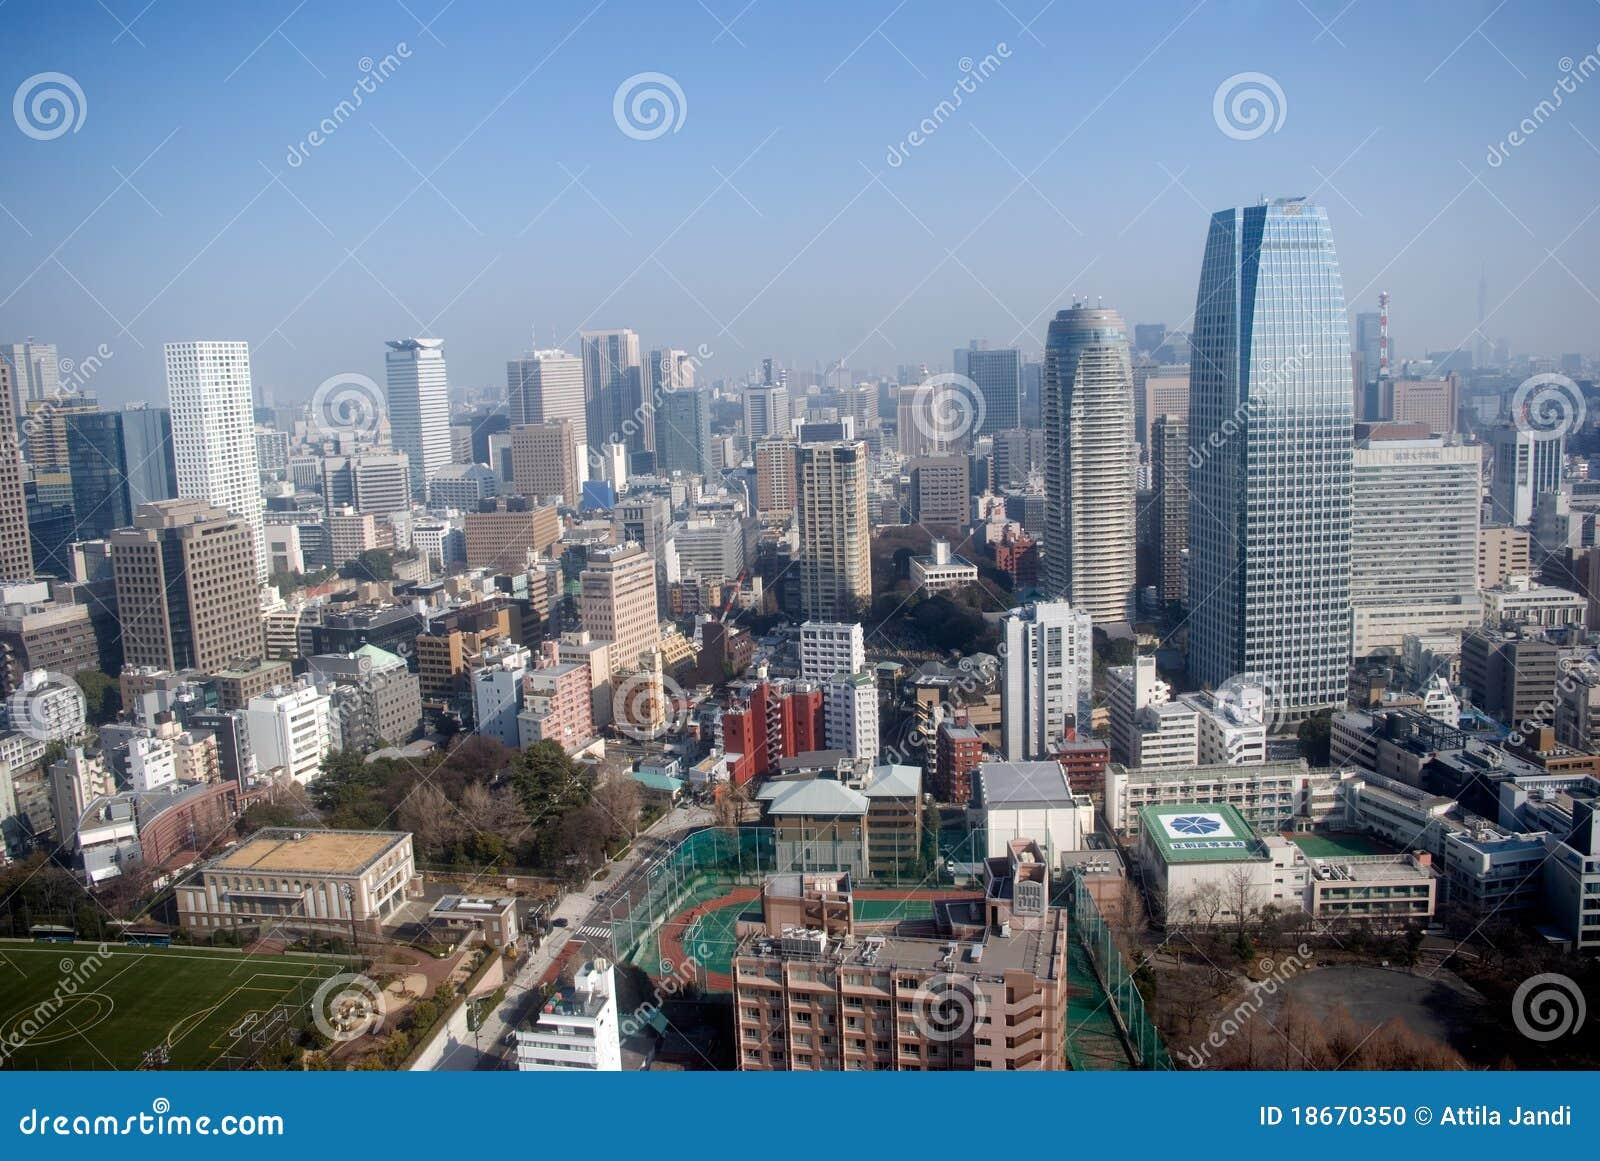 De mening van de stad, Tokyo, Japan